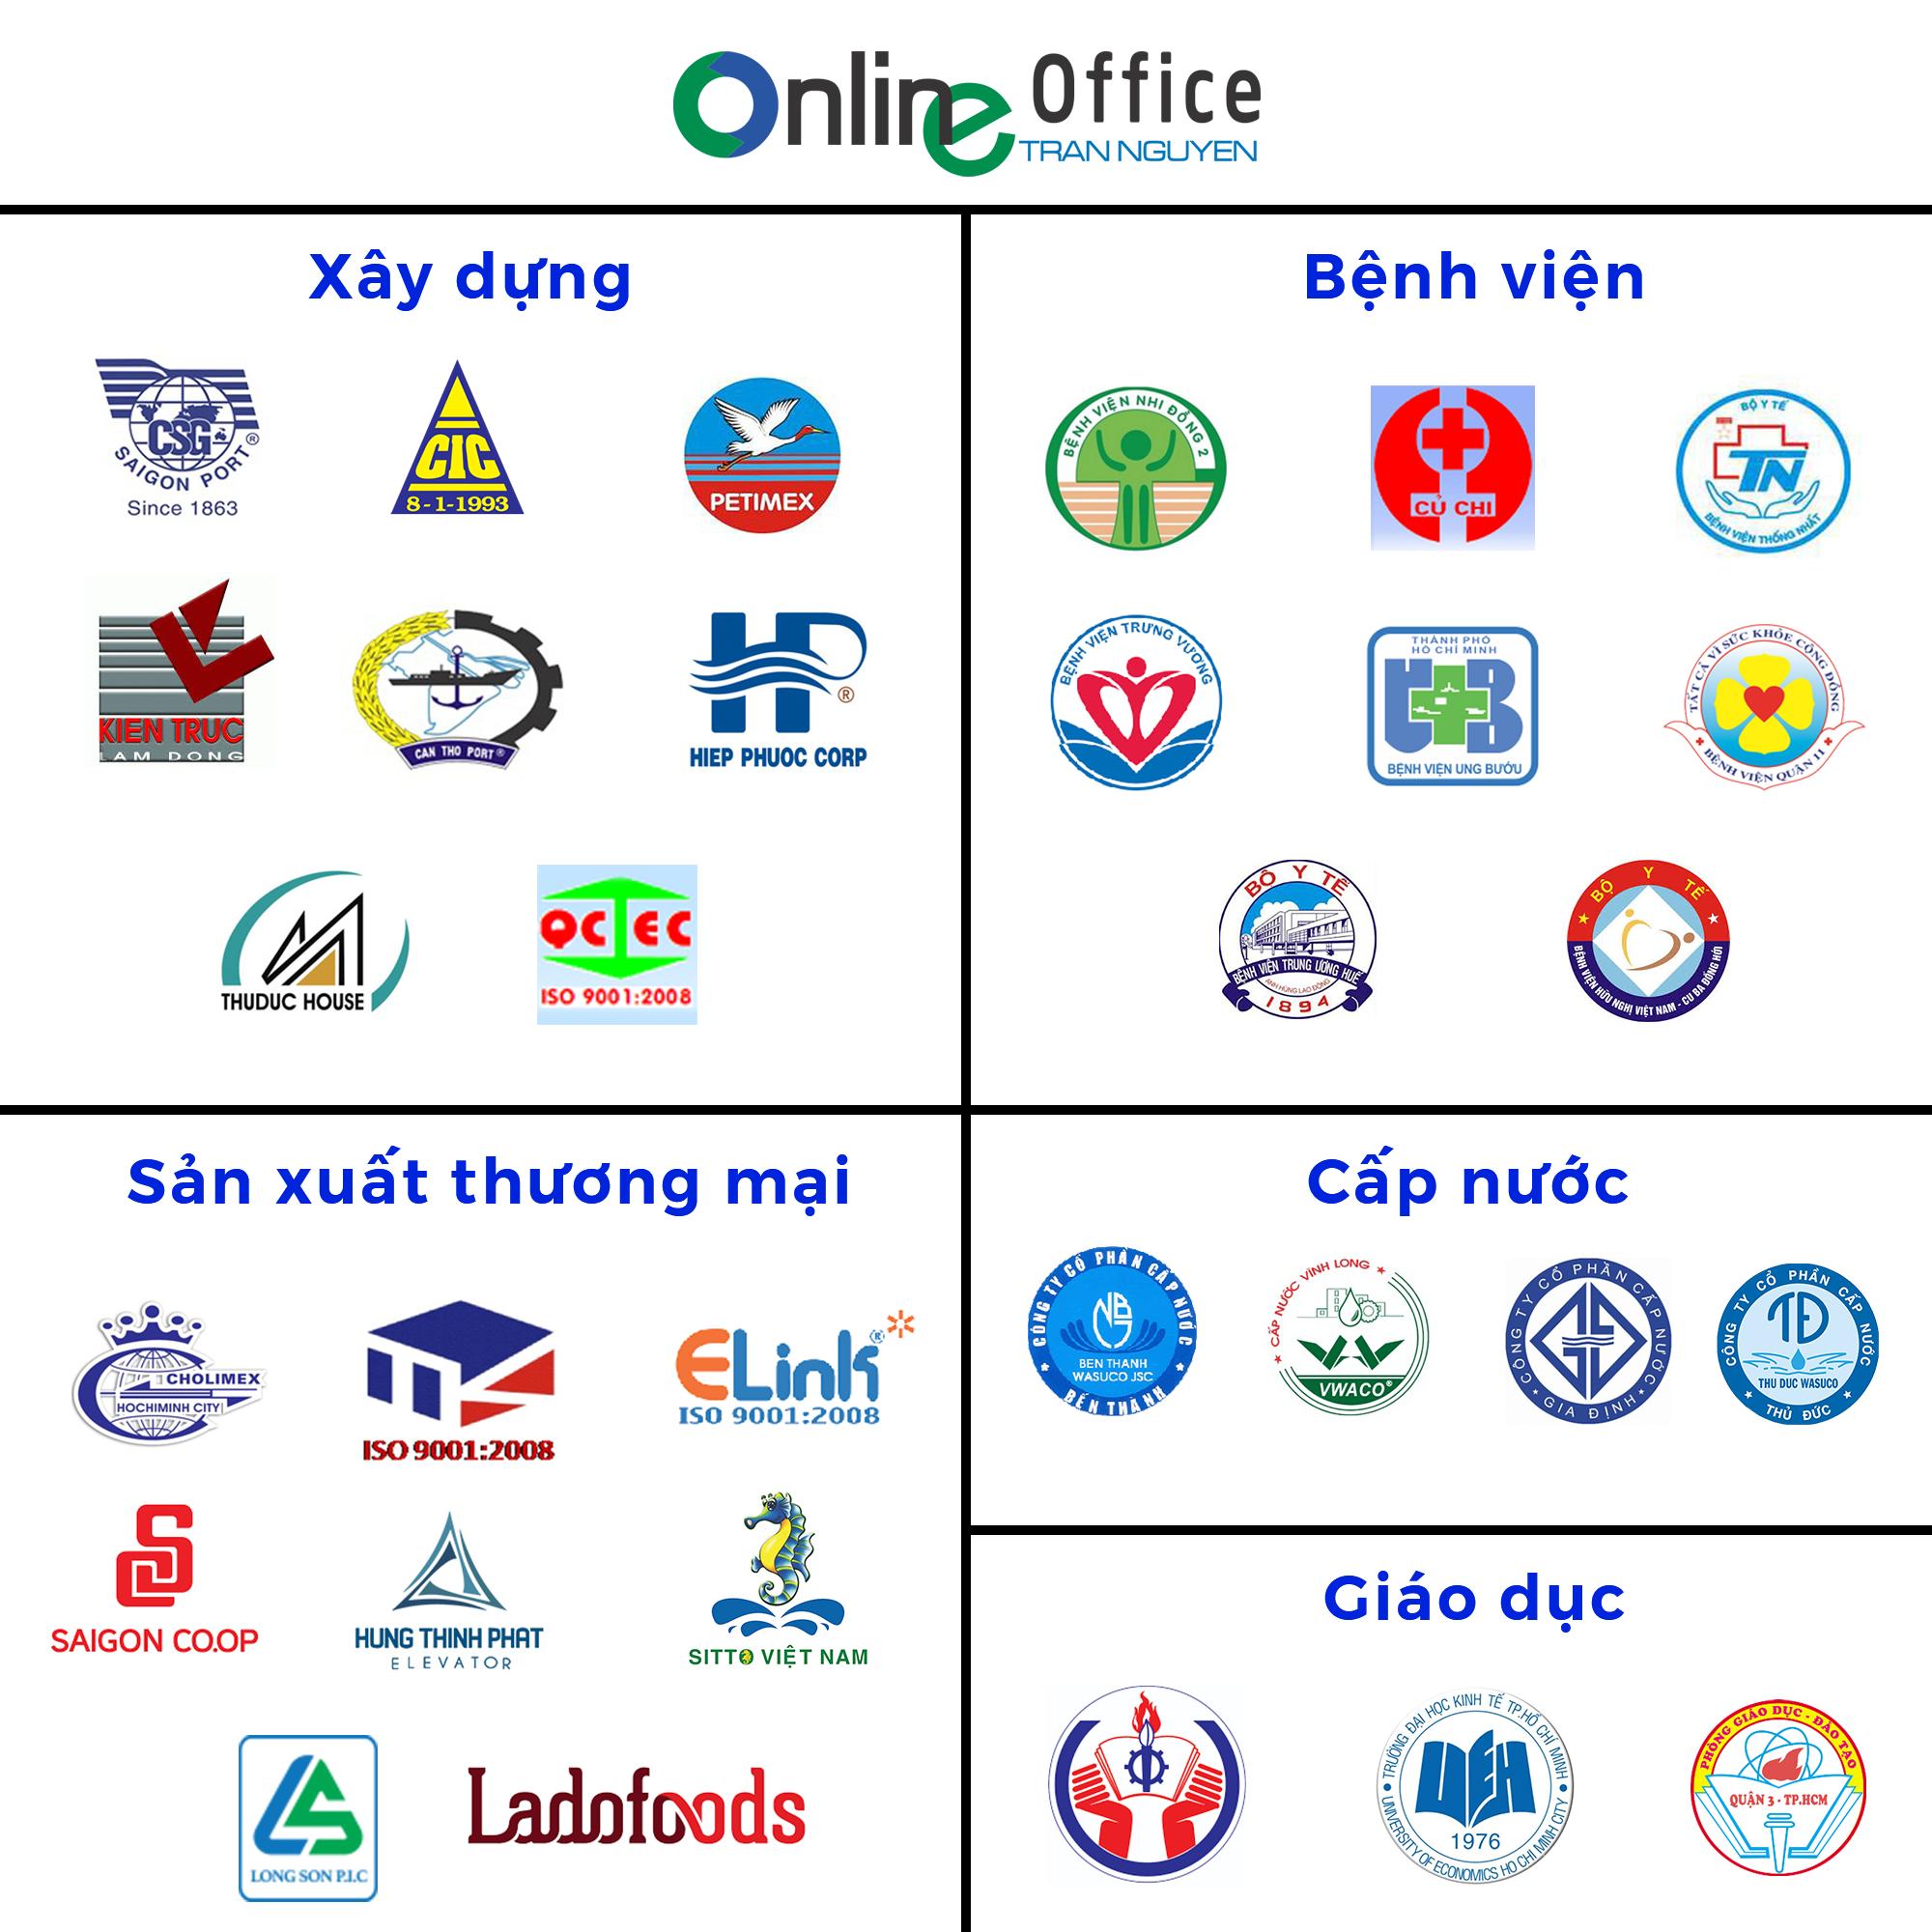 Khách hàng của Online Office